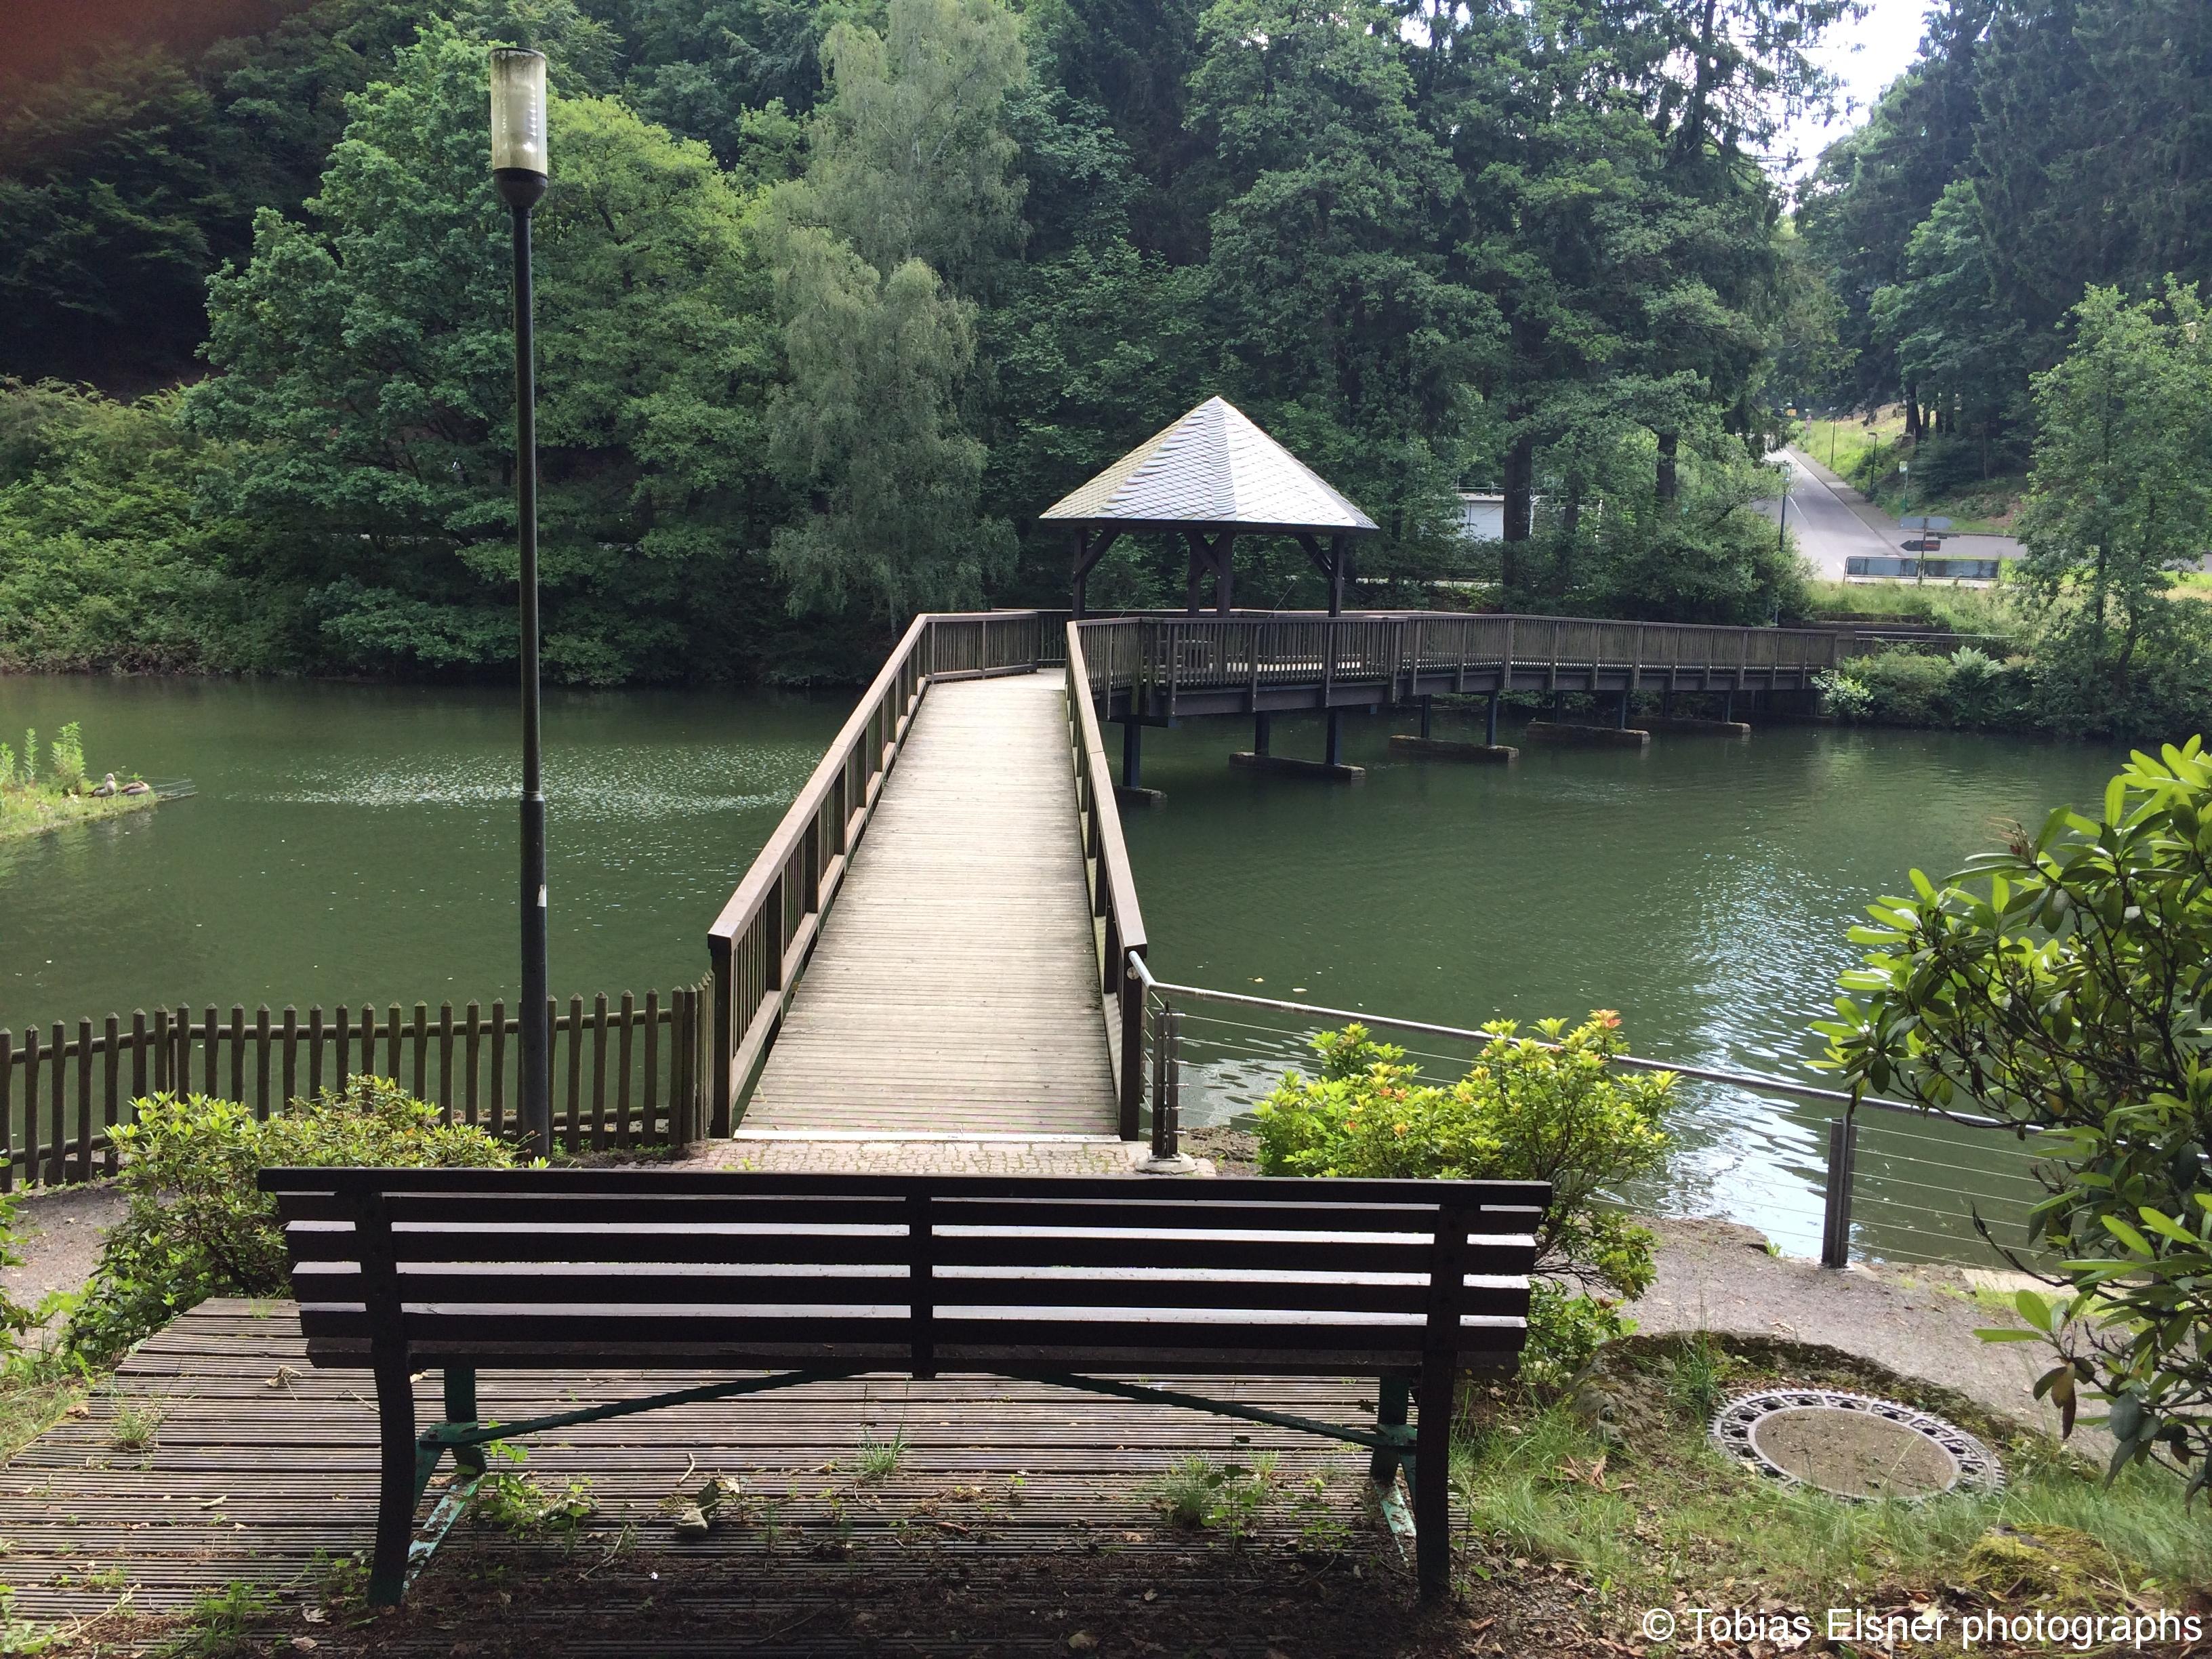 Wanderung Wald Wasser Wolle Weg Radevormwald 2014 Nr.16